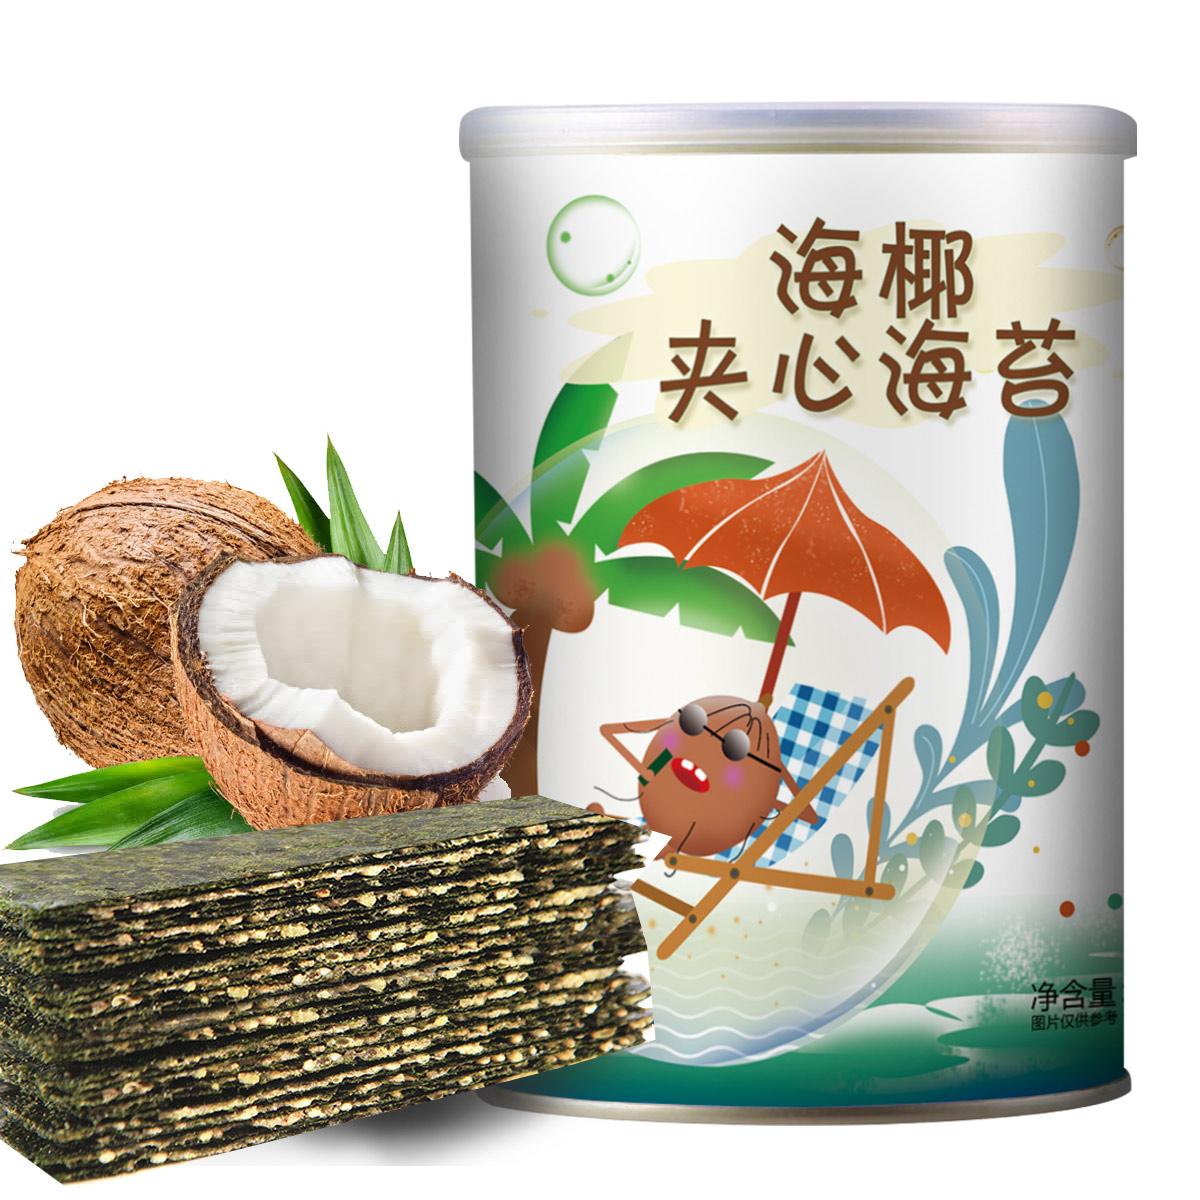 唯仟海椰夹心海苔52g芝麻夹心海苔夹心脆儿童海苔寿司即食海苔饼干COLOR其它颜色